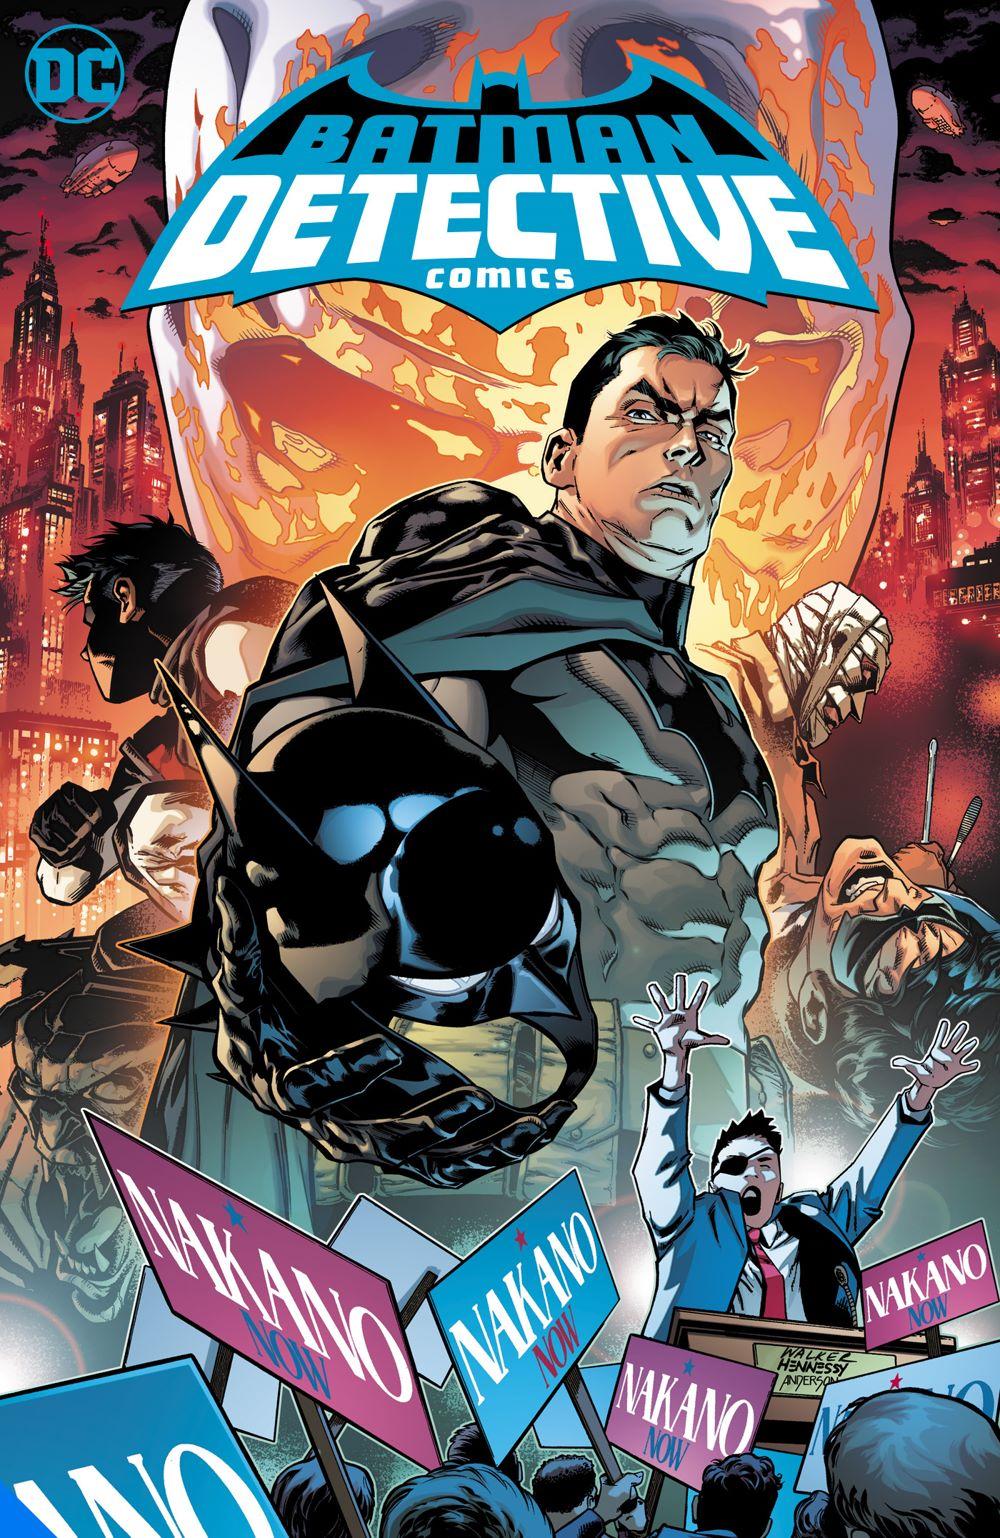 bm-detectivecomics-vol6_adv DC Comics August 2021 Solicitations